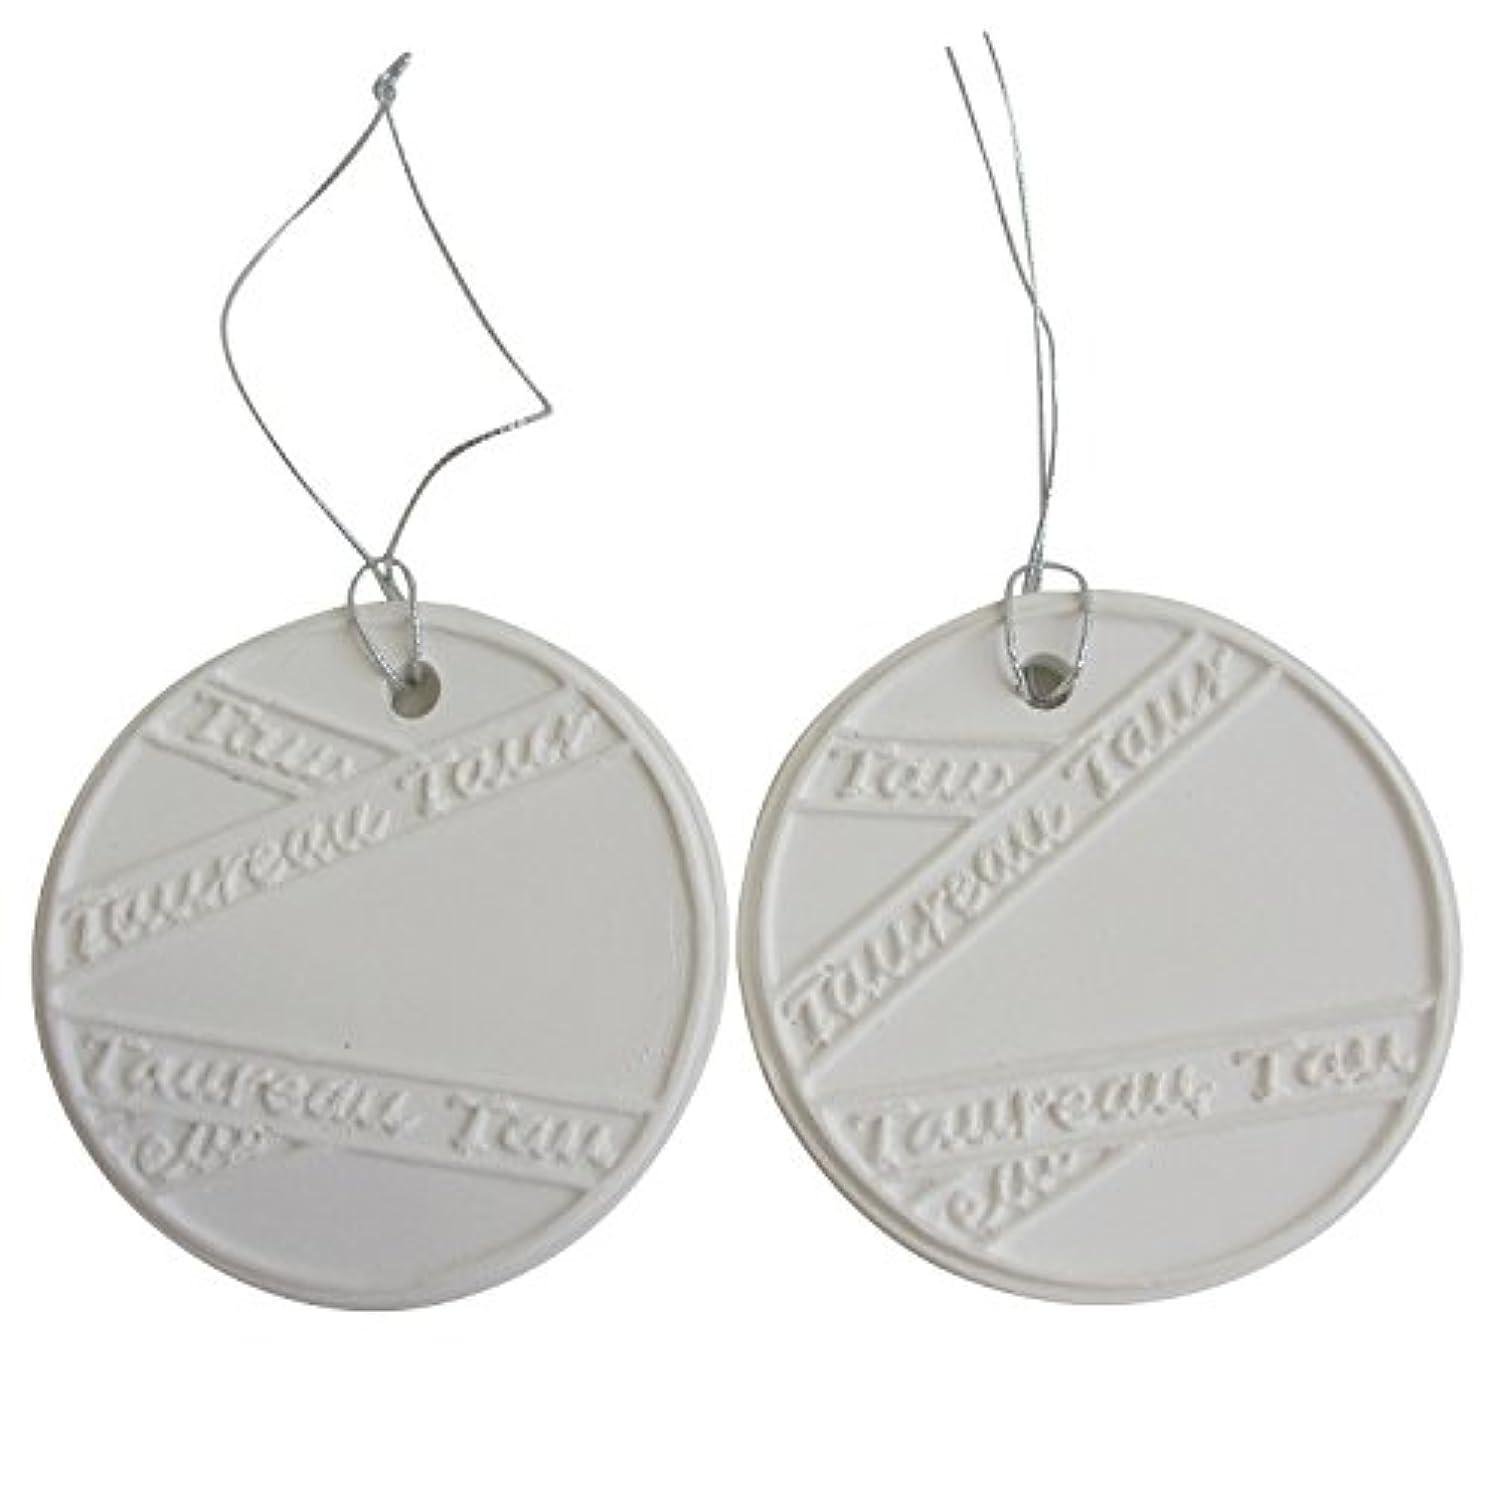 上にポスター余剰アロマストーン ホワイトコイン2セット(リボン2) アクセサリー 小物 キーホルダー アロマディフューザー ペンダント 陶器製